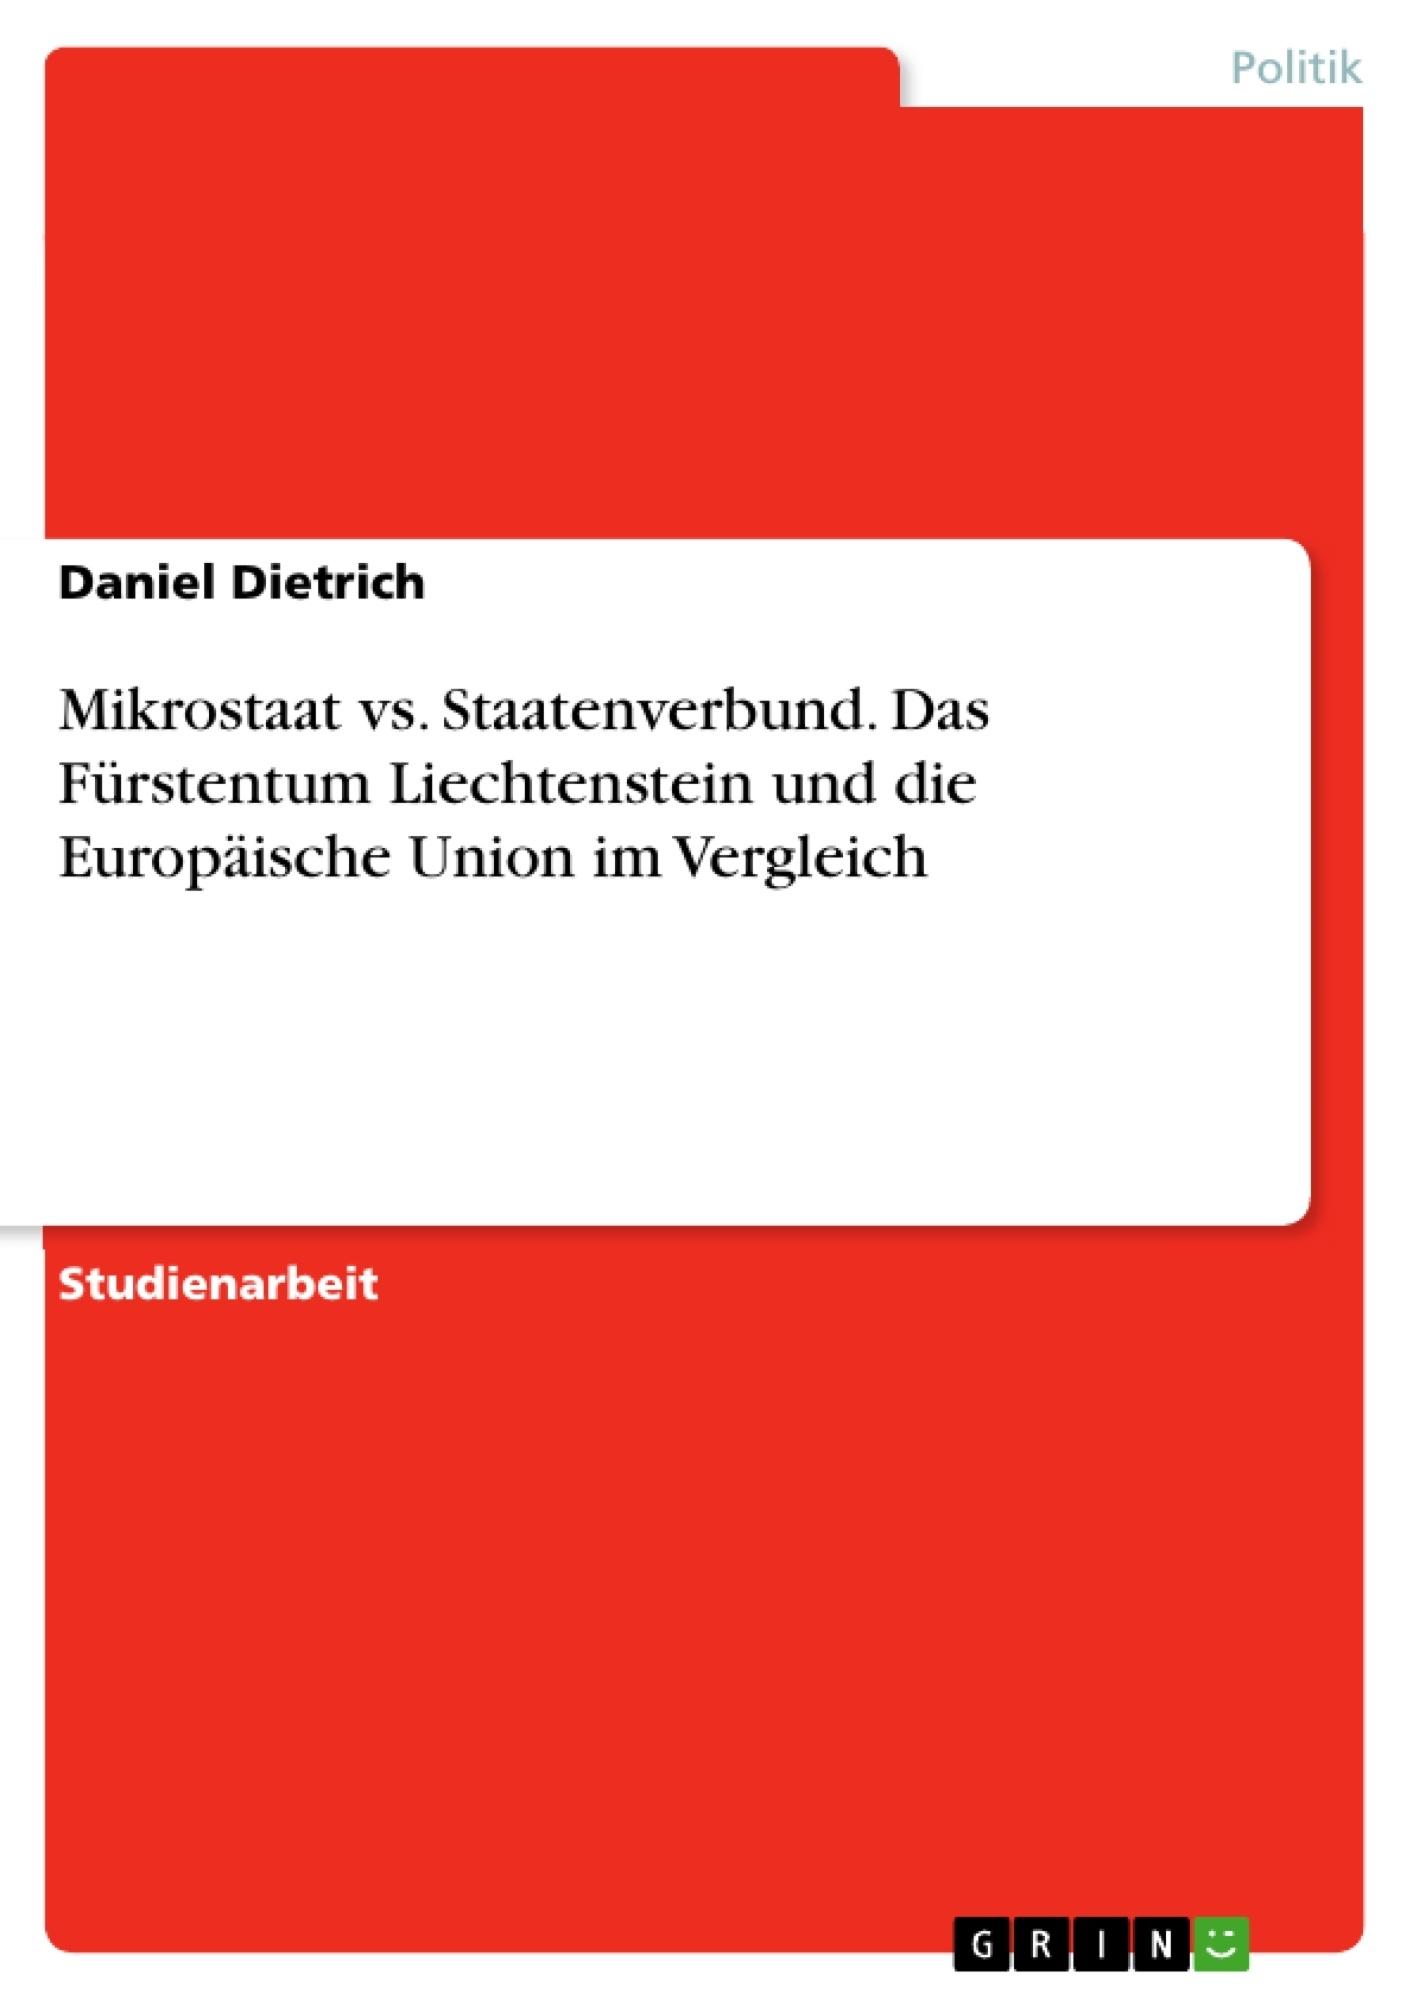 Titel: Mikrostaat vs. Staatenverbund. Das Fürstentum Liechtenstein und die Europäische Union im Vergleich